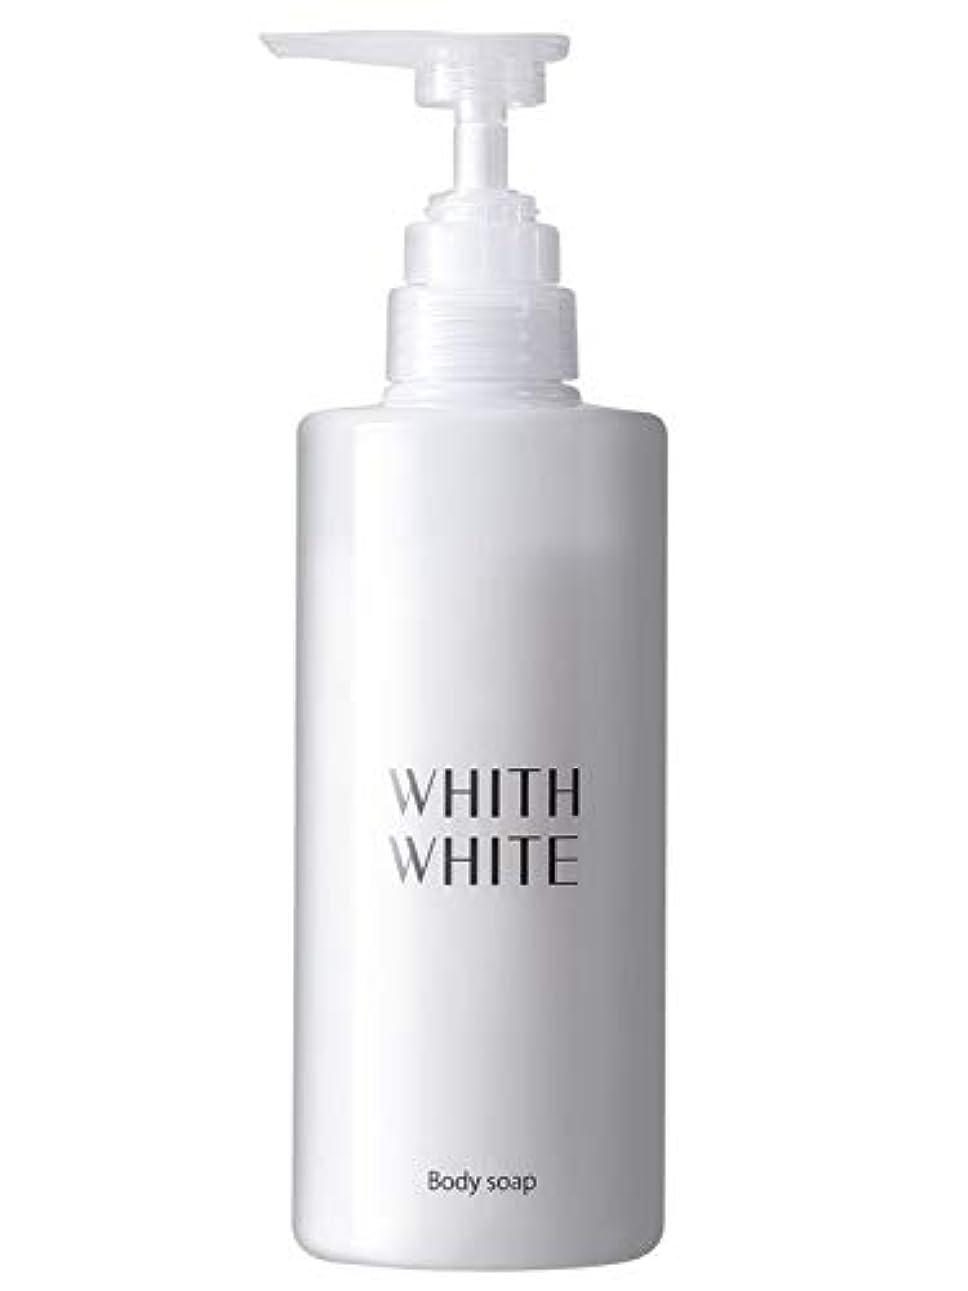 どっち無臭曲げるフィス ホワイト ボディソープ 【 エレガントフローラルのいい香り 】 無添加 保湿 ボディーソープ 「 泡で黒ずみ さっぱり ボディシャンプー 」「 ヒアルロン酸 コラーゲン セラミド 配合」450ml